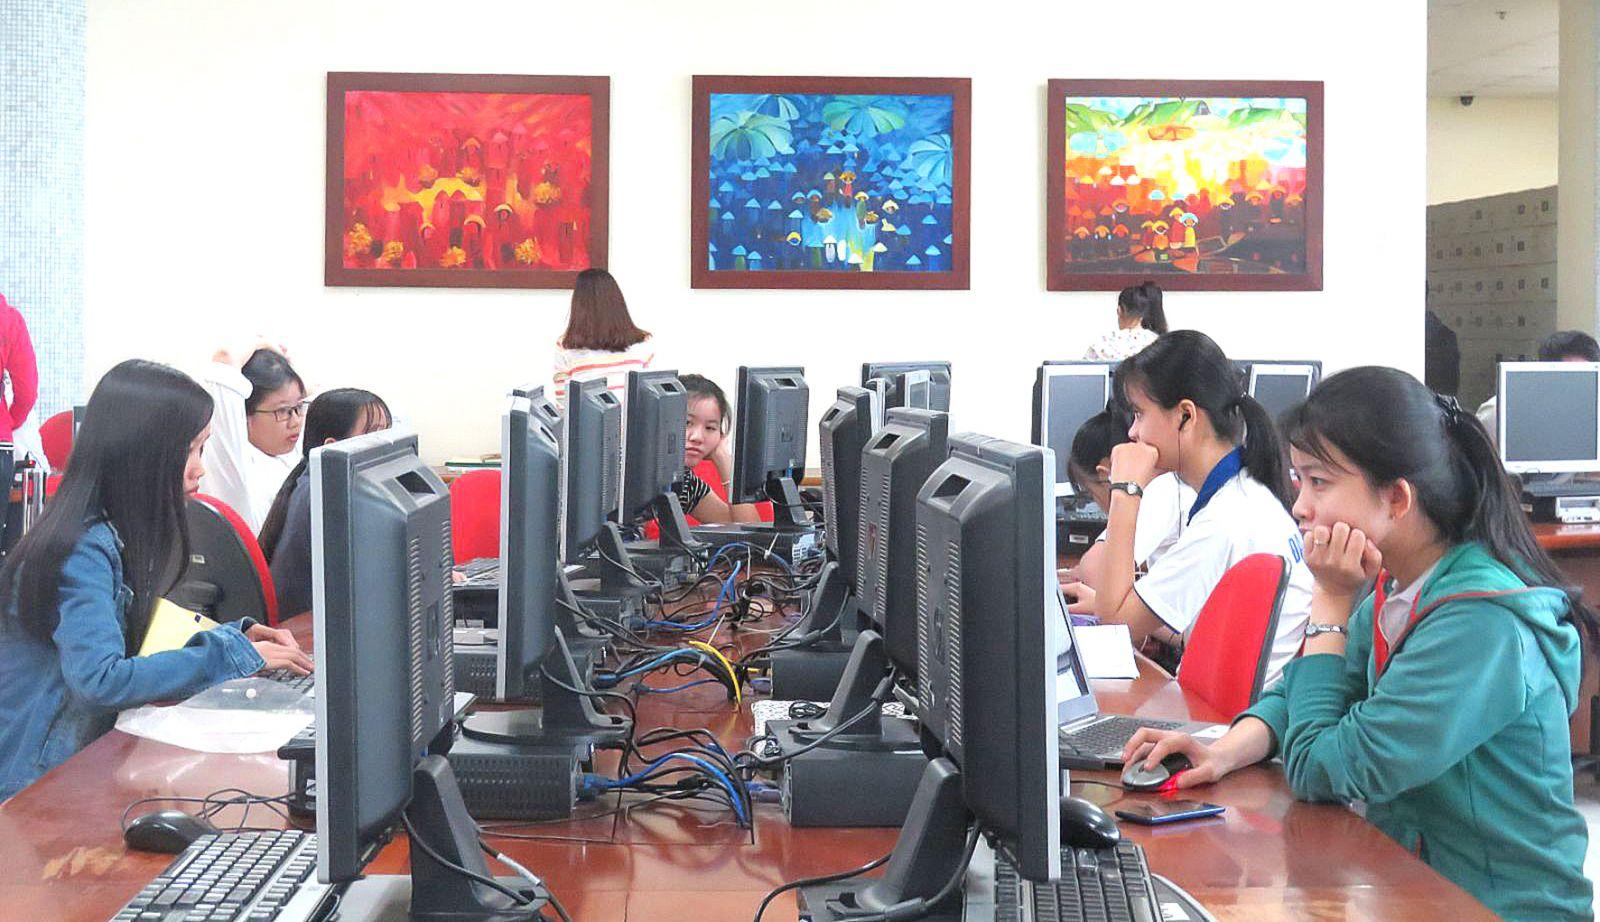 Sinh viên ĐH Cần Thơ tìm tài liệu học tập tại Trung tâm Học liệu của trường. Ảnh: B.NG